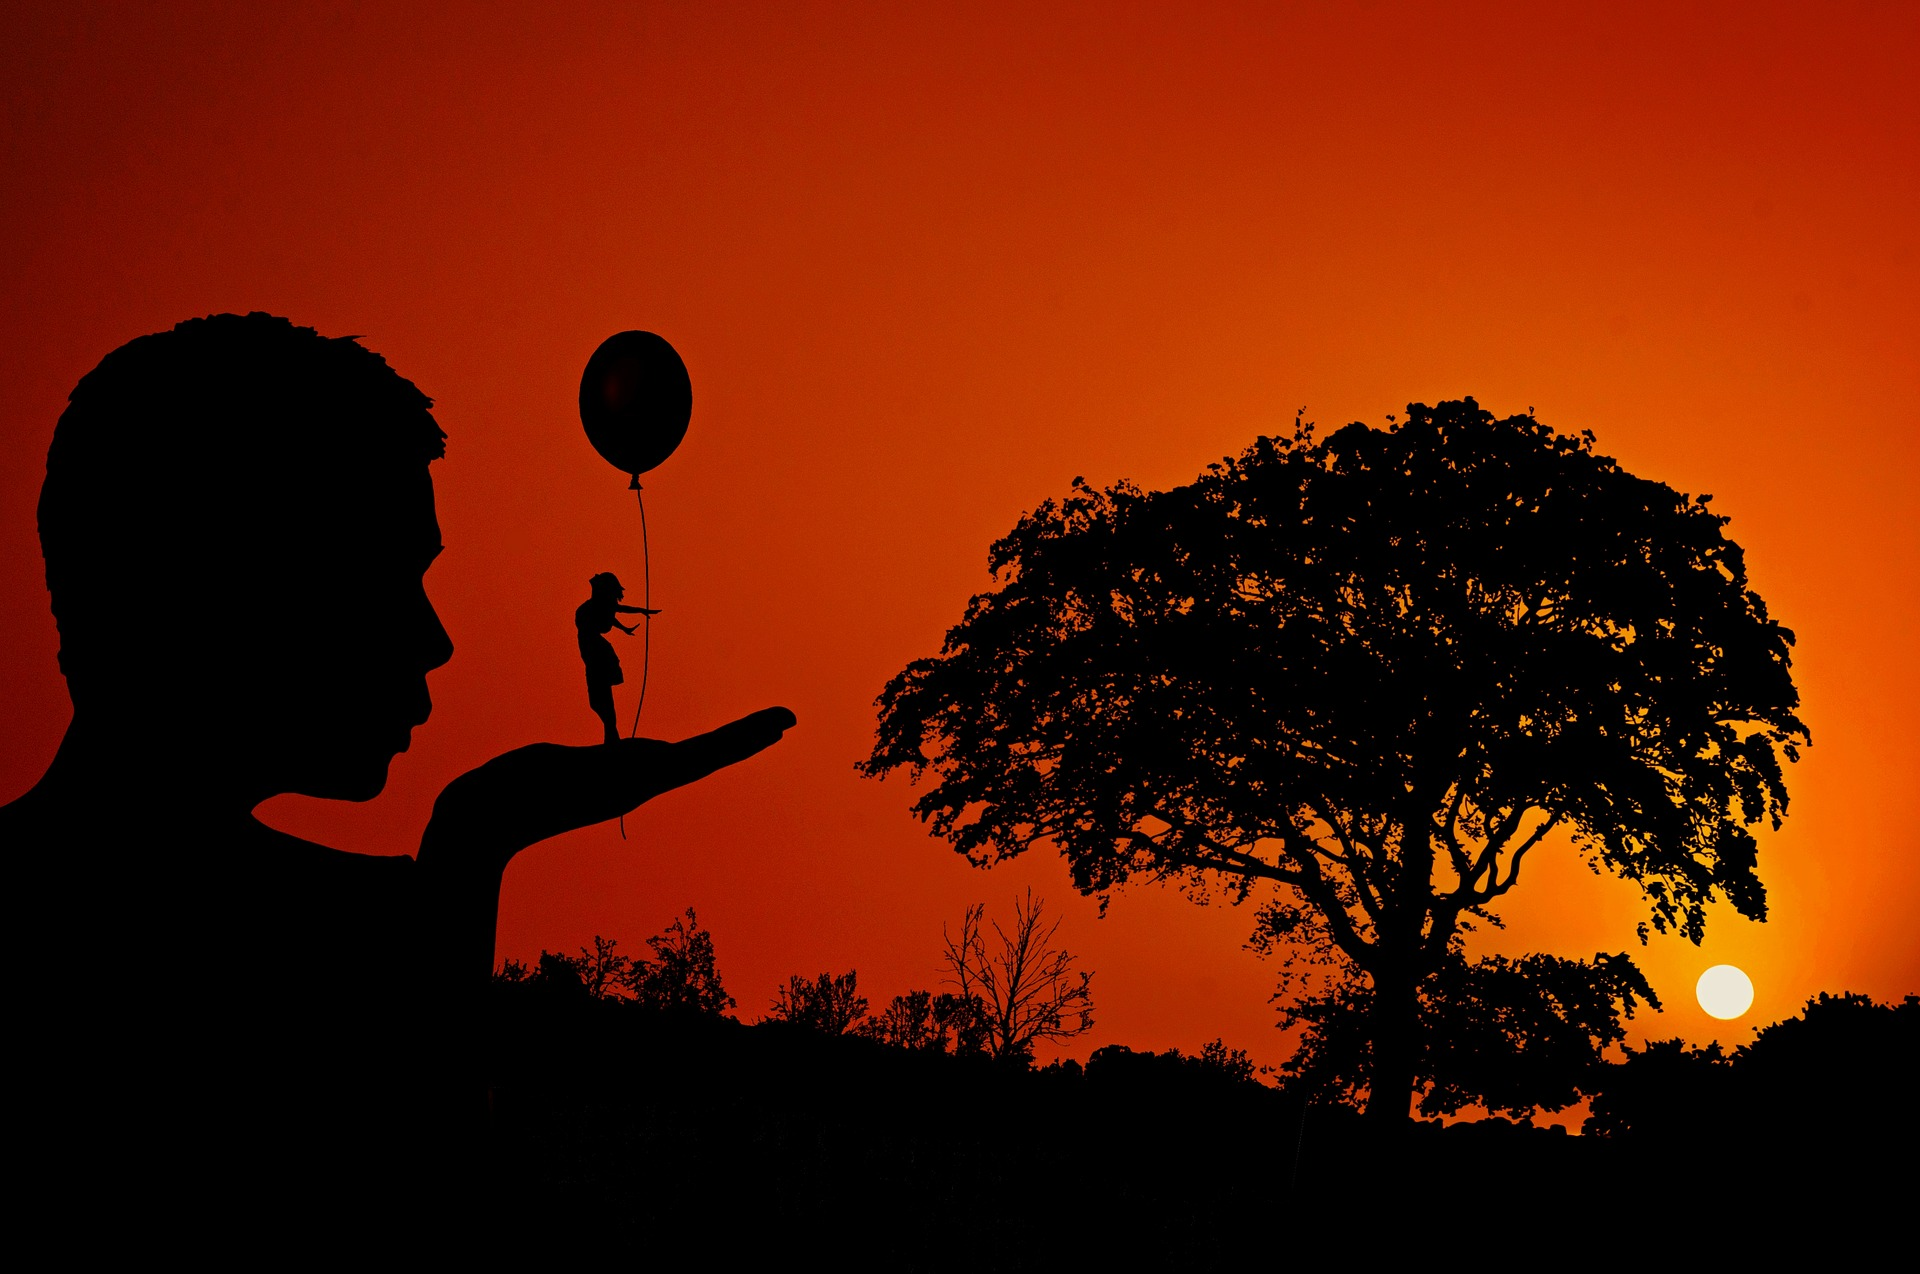 Mann pustet gegen eine kleine Frau, die an einem Luftballon hängt um sie fliegen zu lassen. Weg mit dem Perfektionismus.